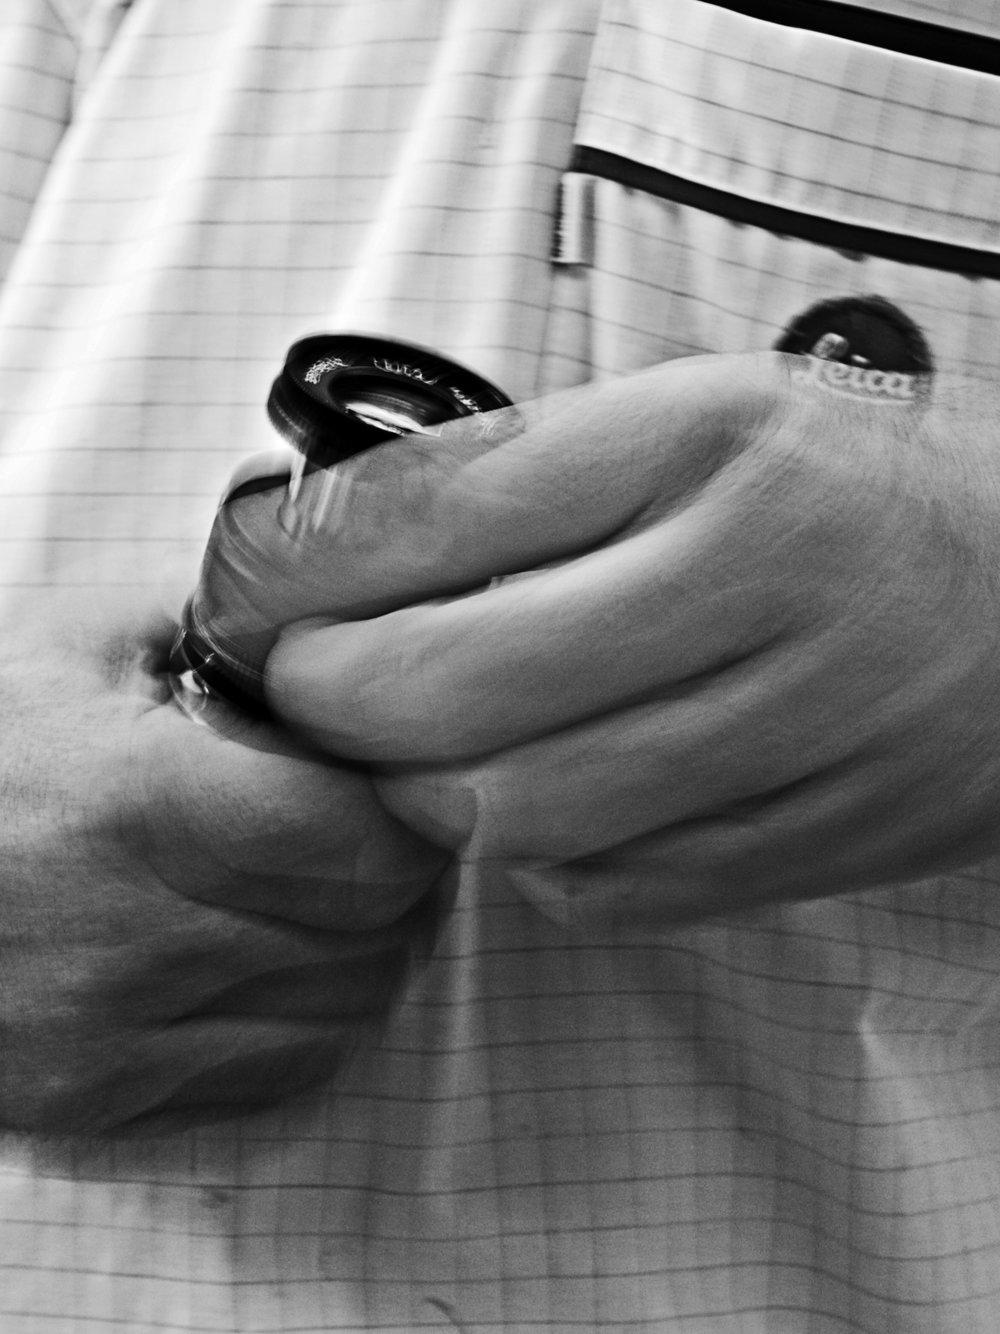 Leica Noctilux manufacturing 11.jpg